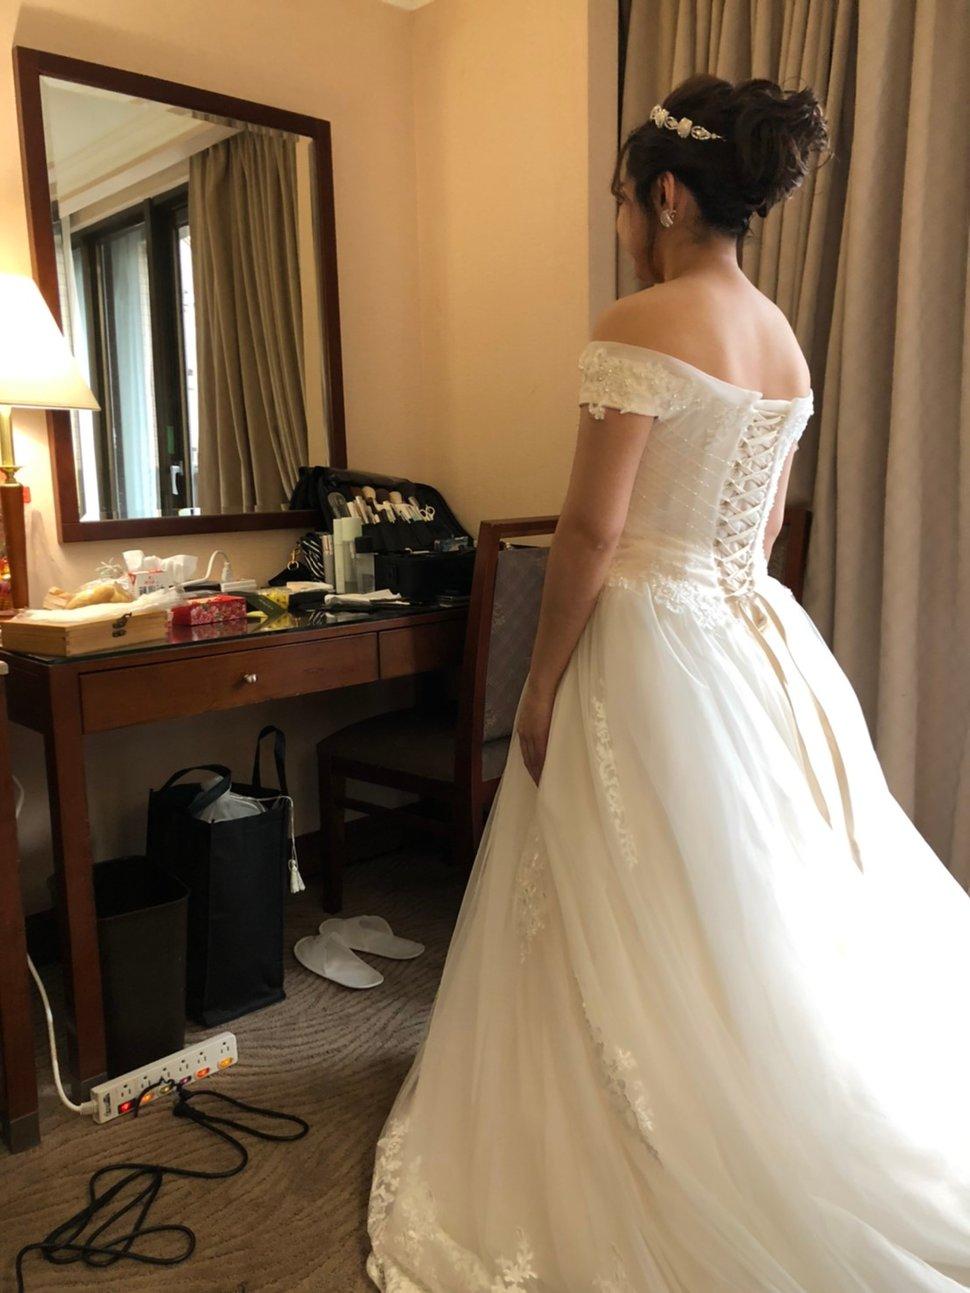 1027冠吟_191104_0055 - 嵐Wing Makeup <噴槍底妝>《結婚吧》